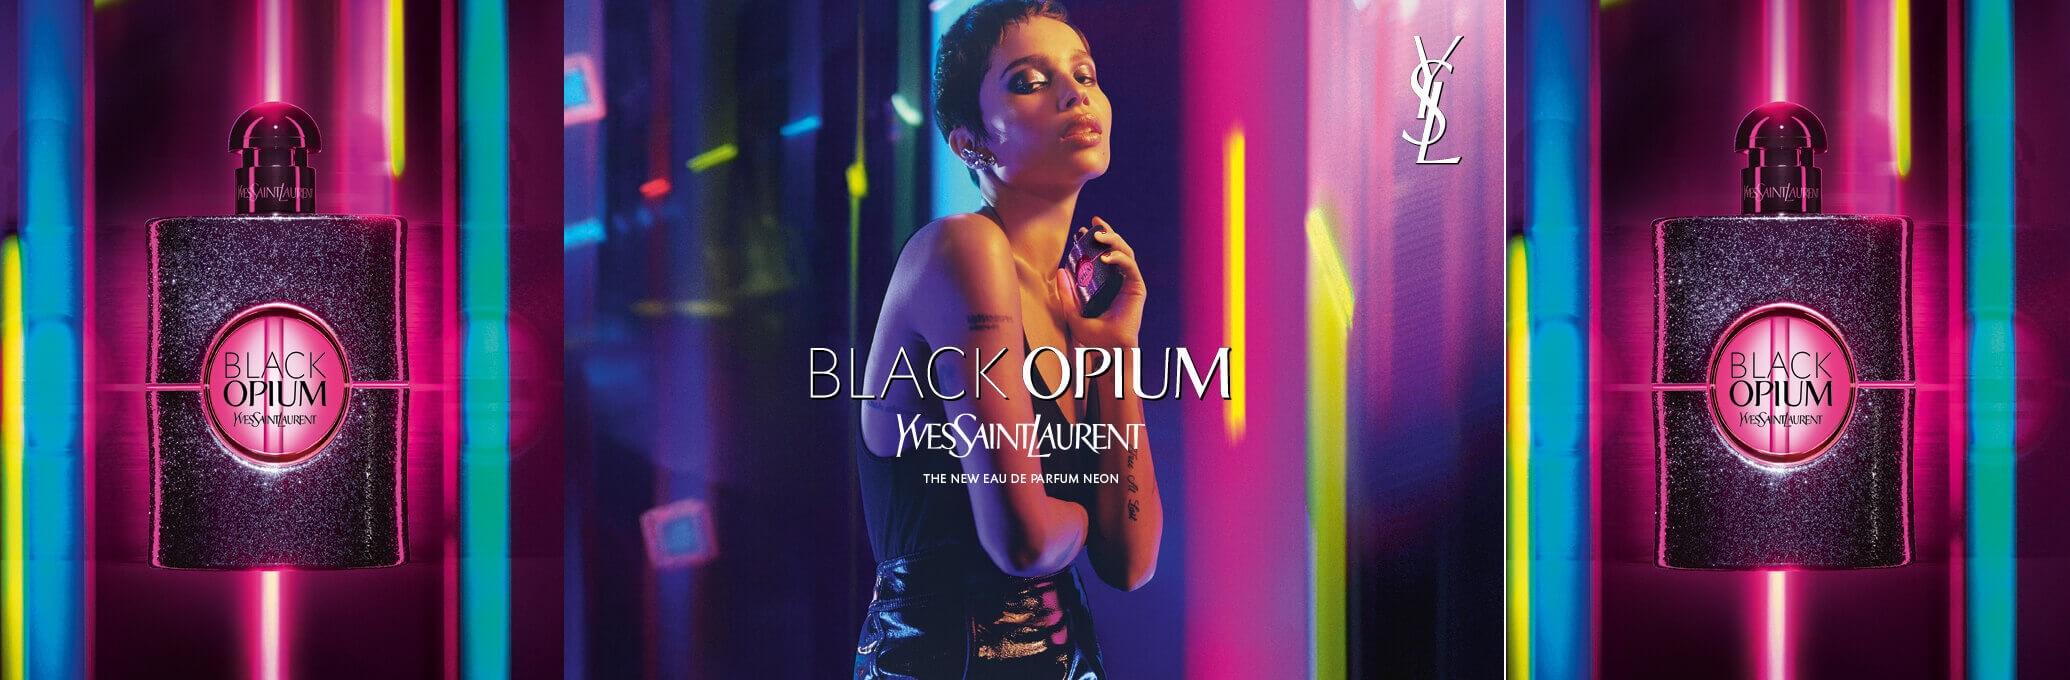 Black Opium Neon Water